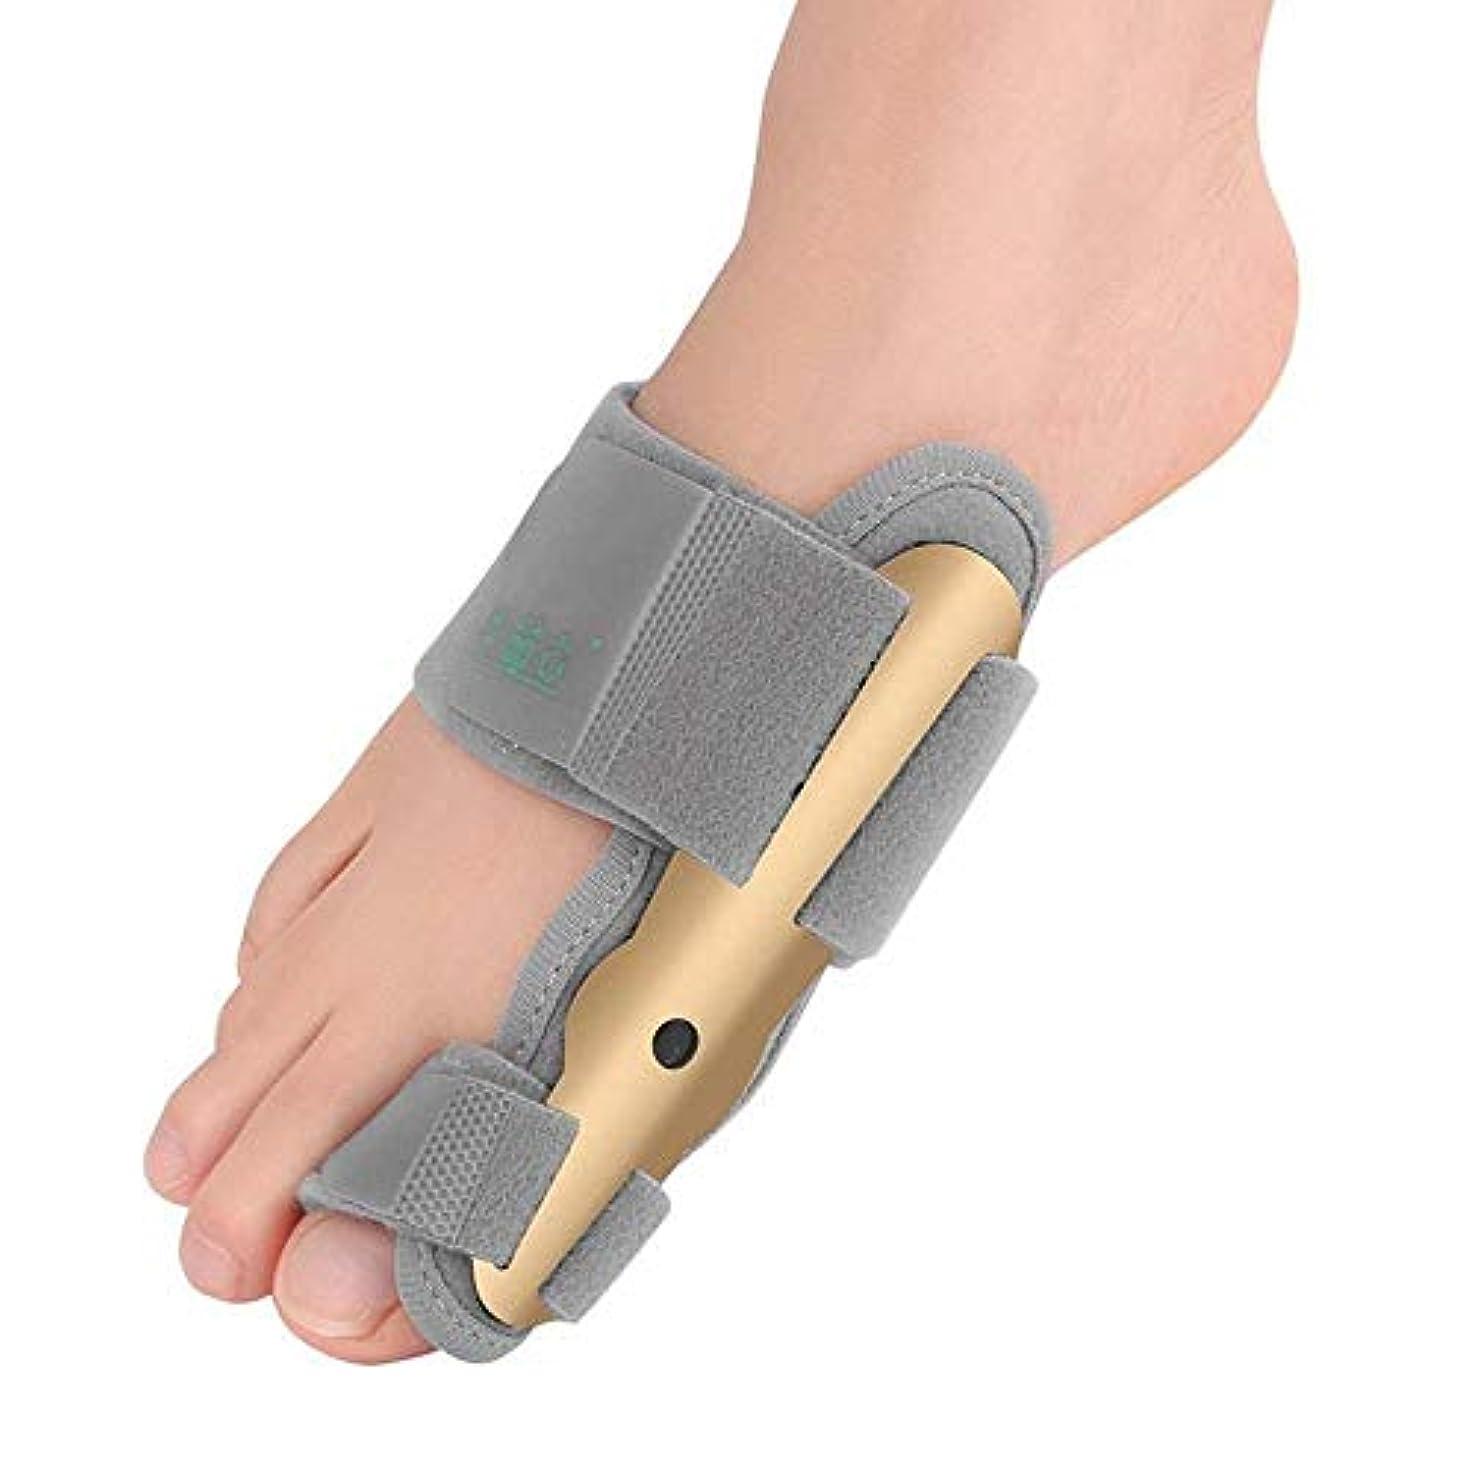 精巧な柔らかいポンドつま先のセパレーター、足の親指のアライメント矯正器のつま先の変形とサポート腱膜瘤1ピース、ユニバーサル左足と右足